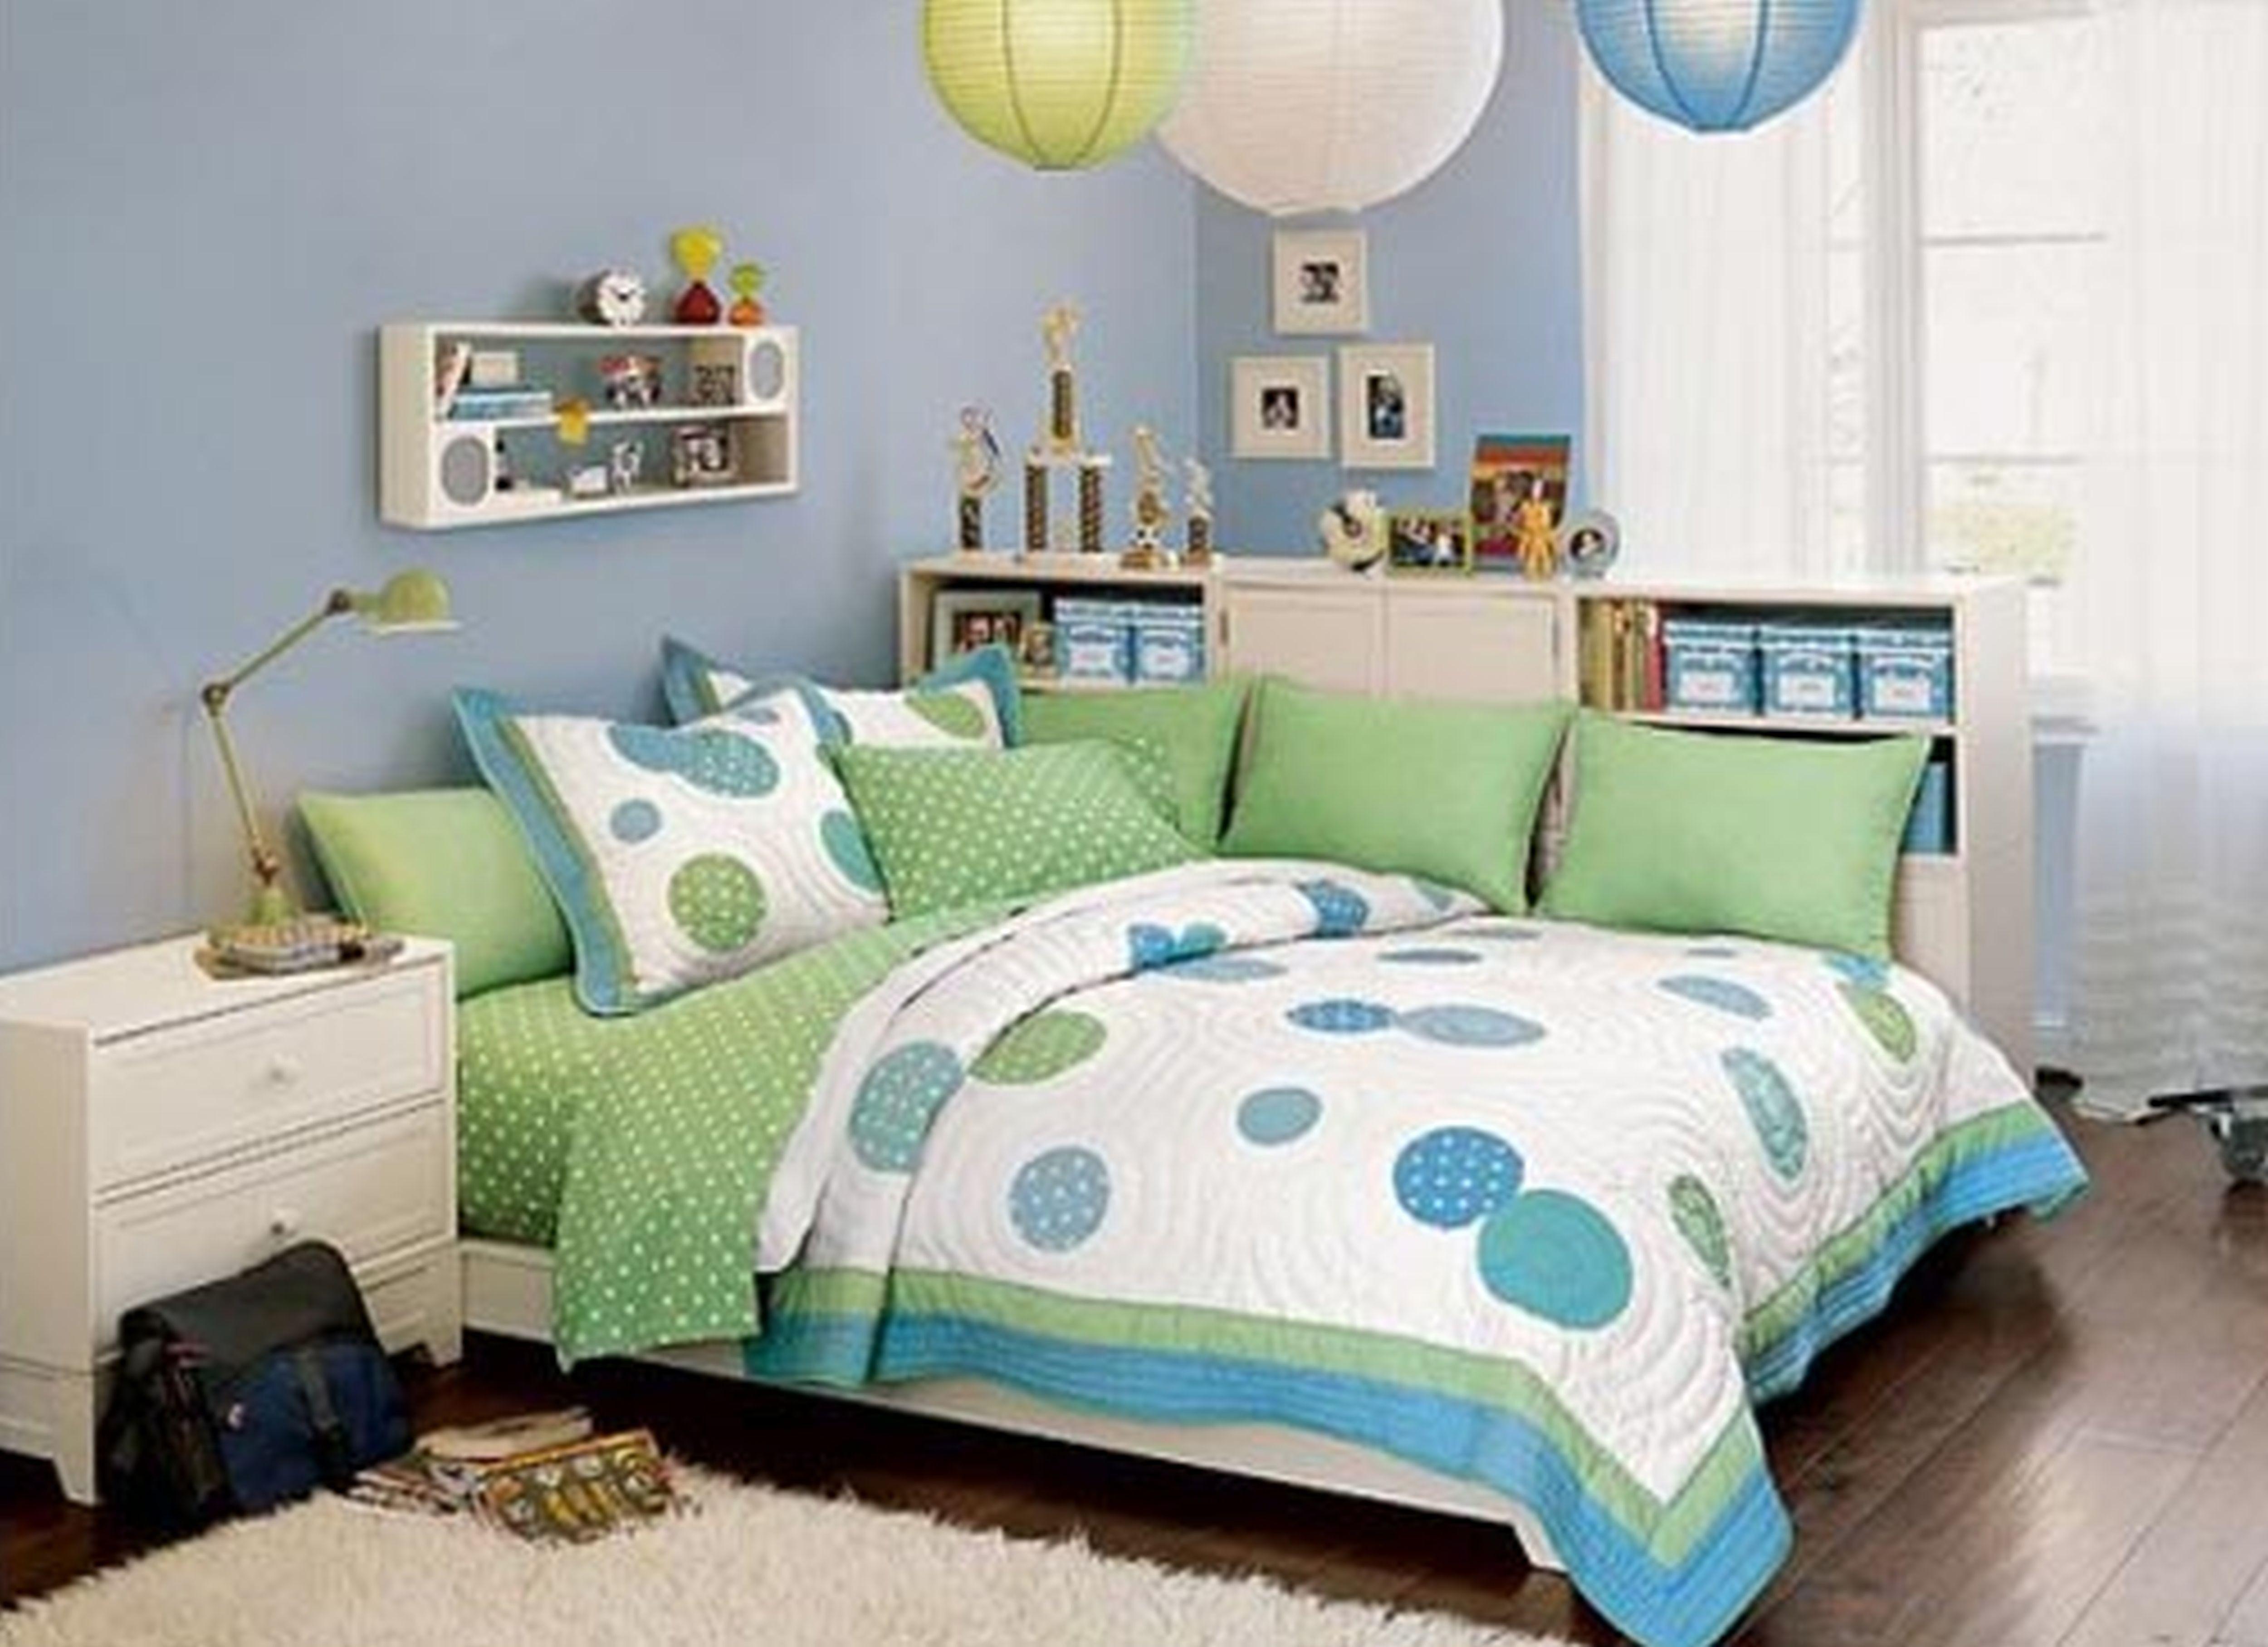 Blau Grün Schlafzimmer Design einen Ort wo Sie Einsinken und